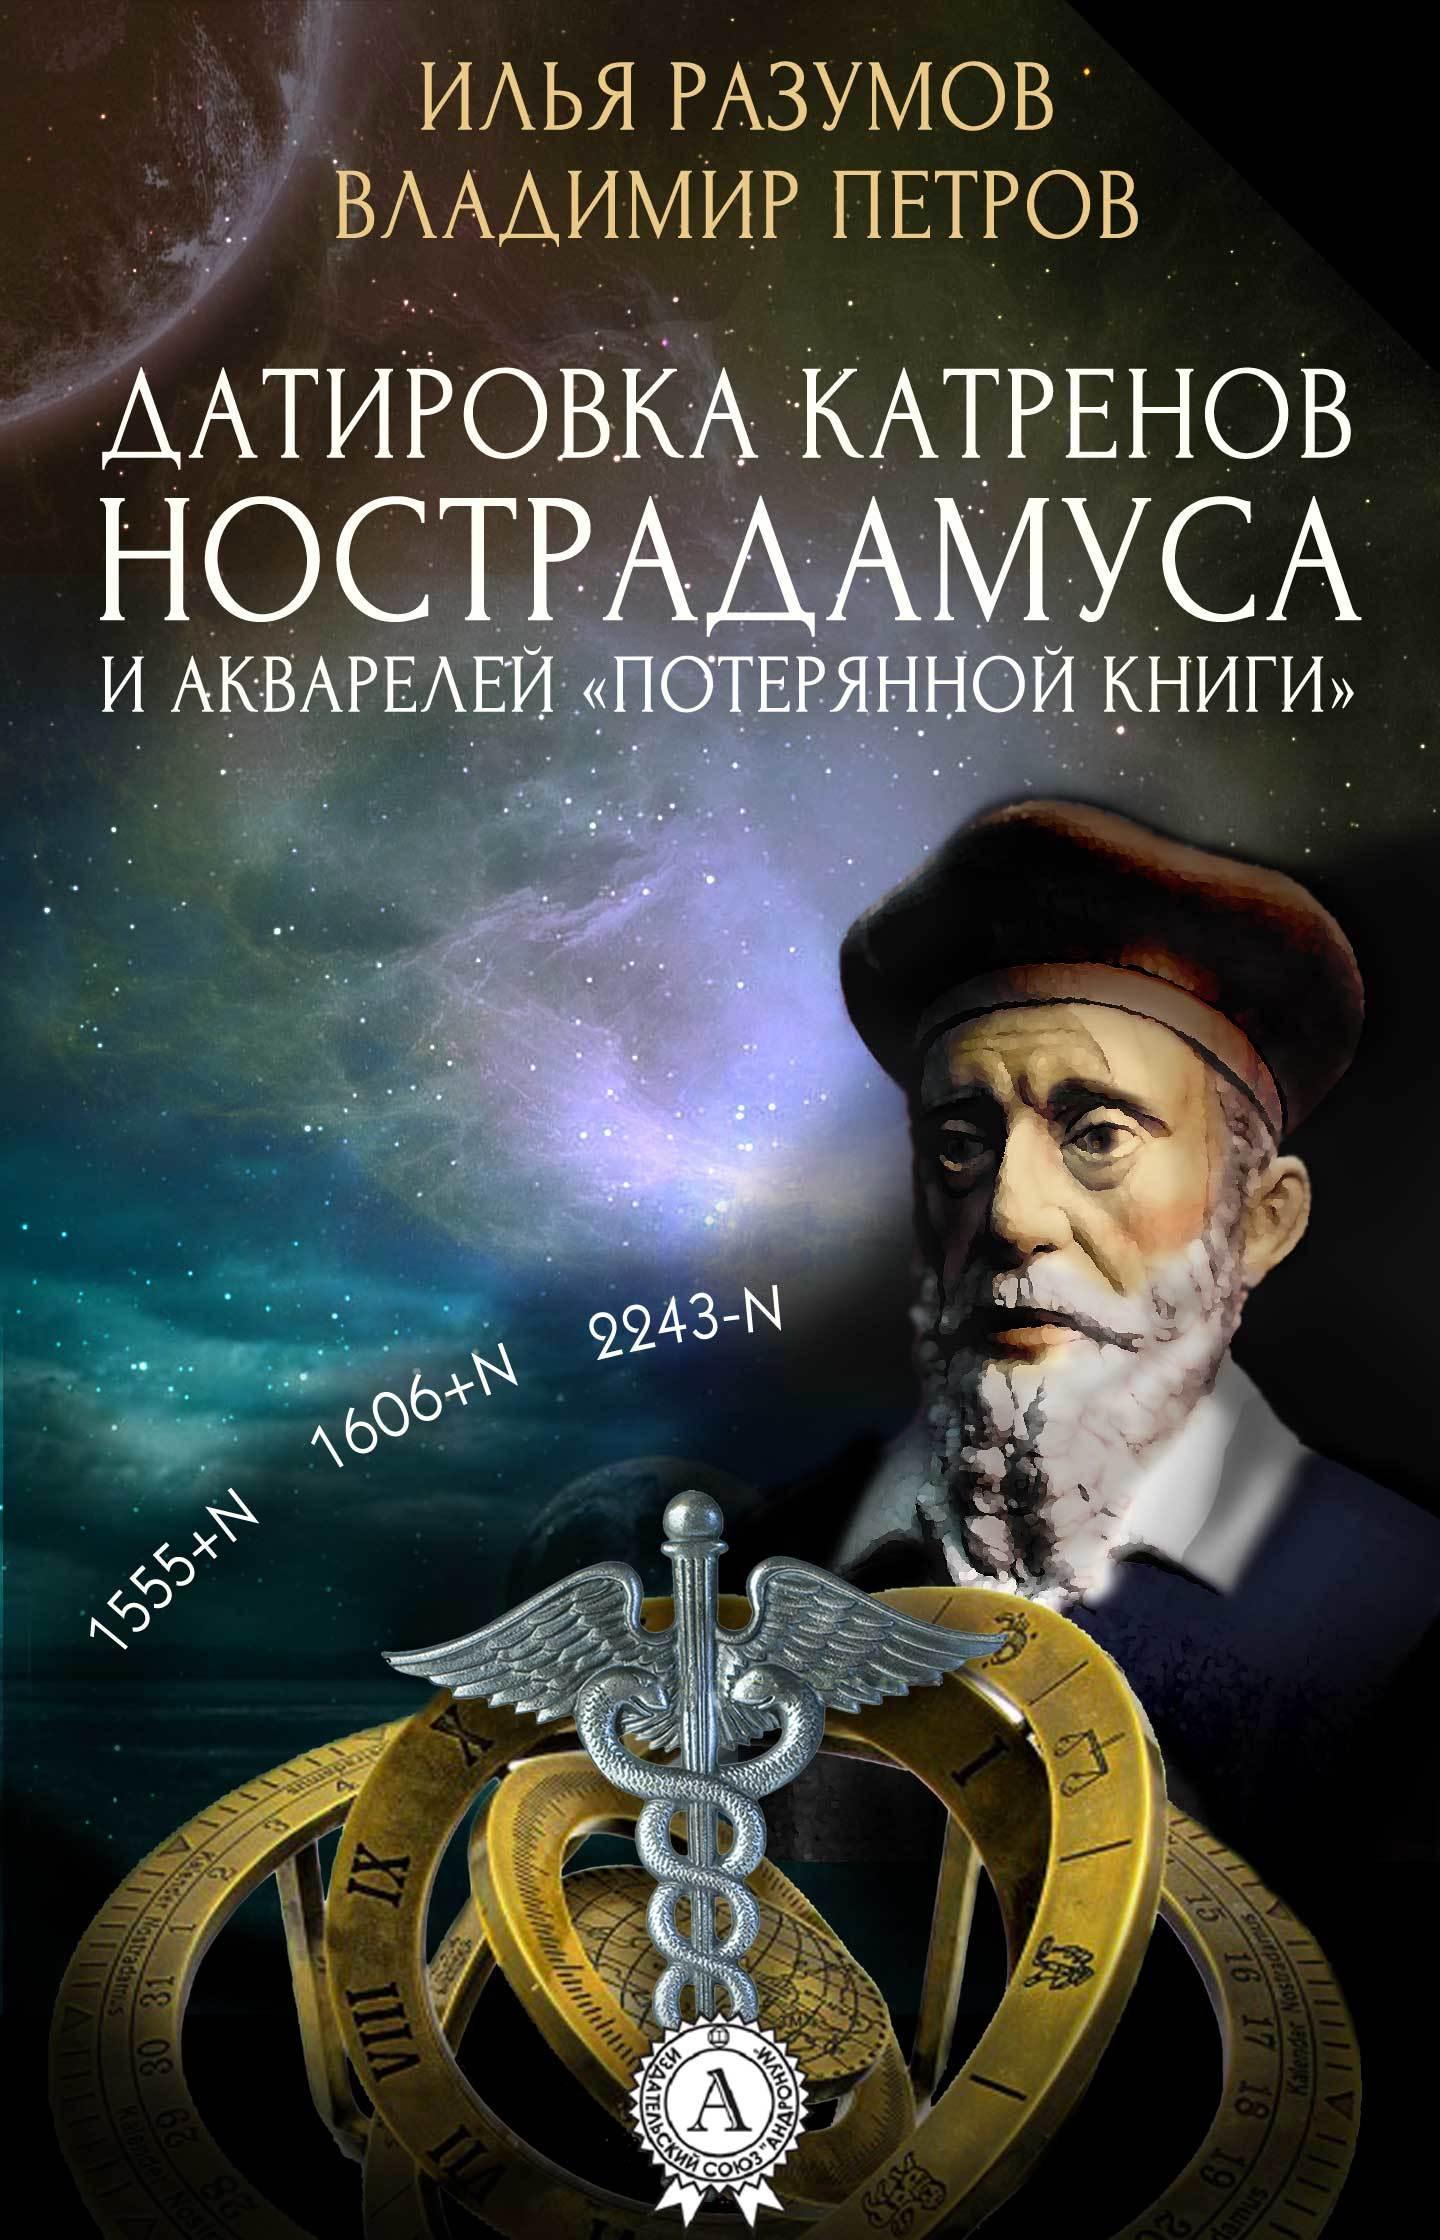 Илья Разумов бесплатно